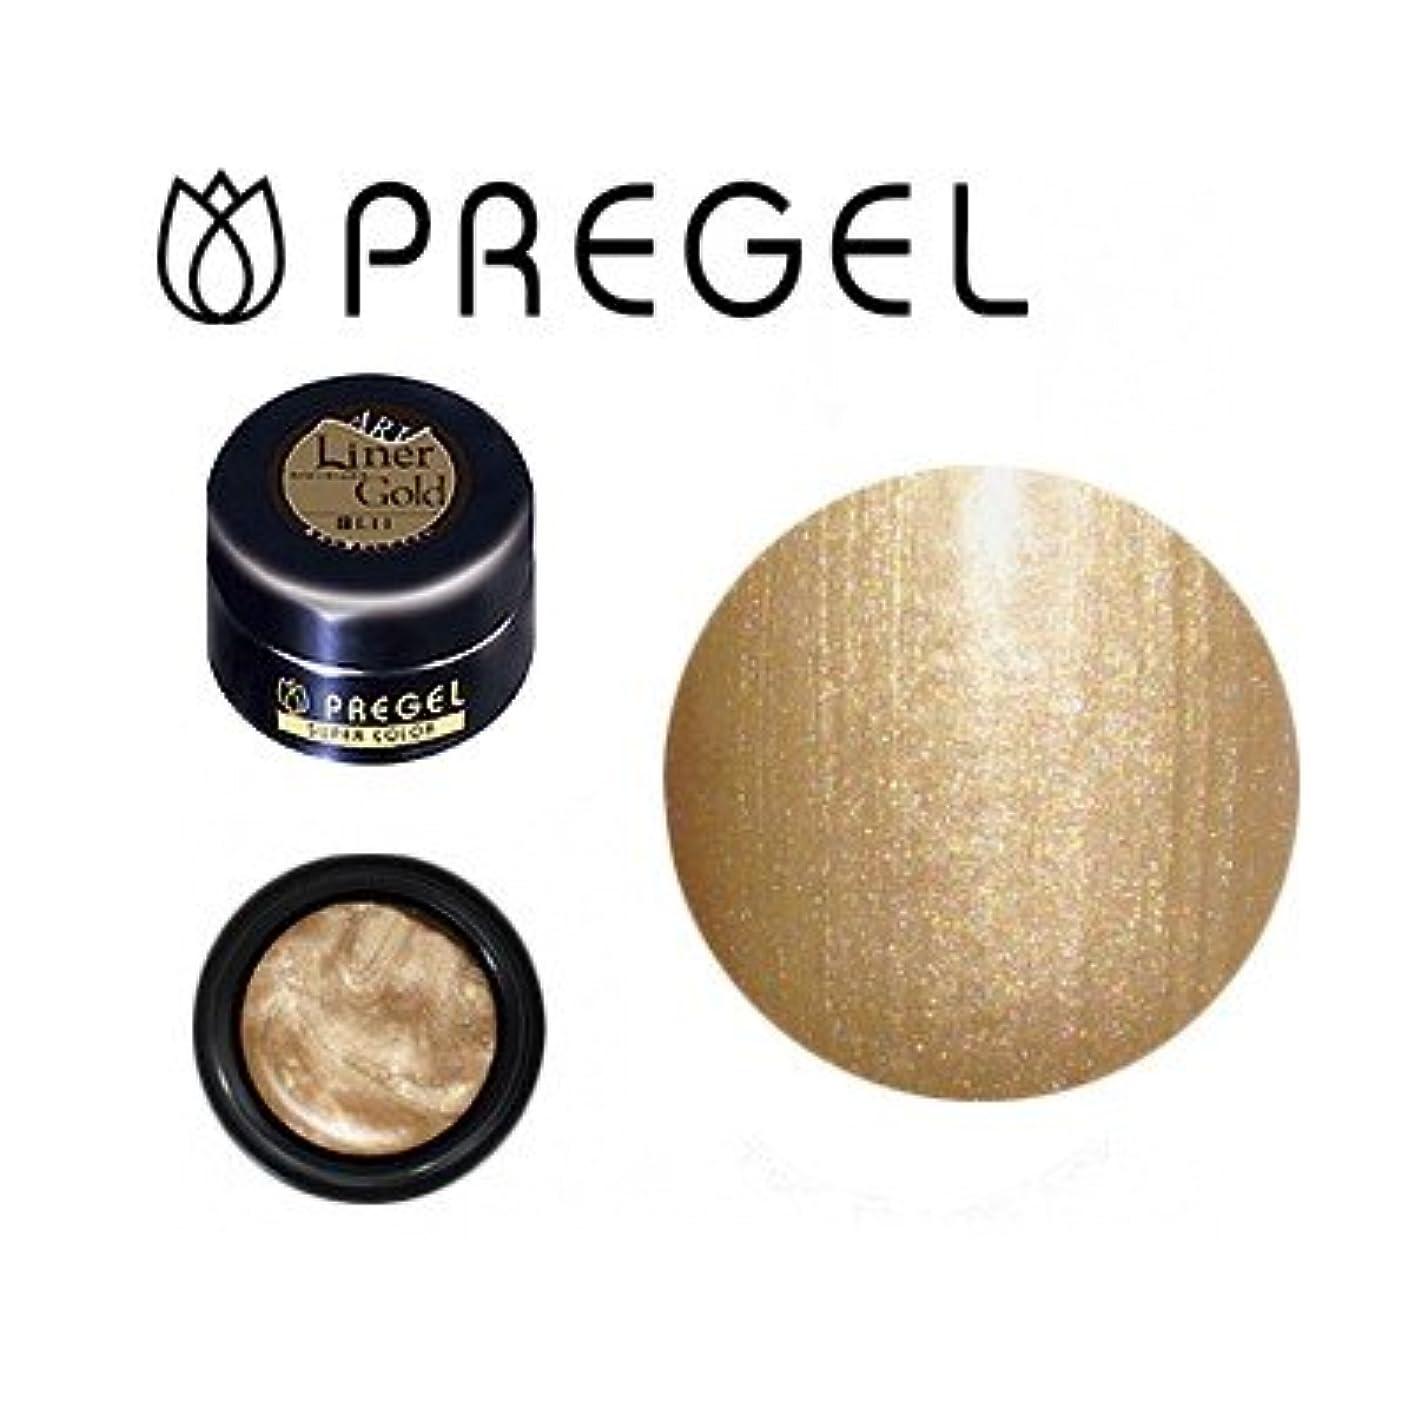 狂った依存するステーキジェルネイル カラージェル プリジェル PREGEL スーパーカラーEx ライナーゴールド-P 4g